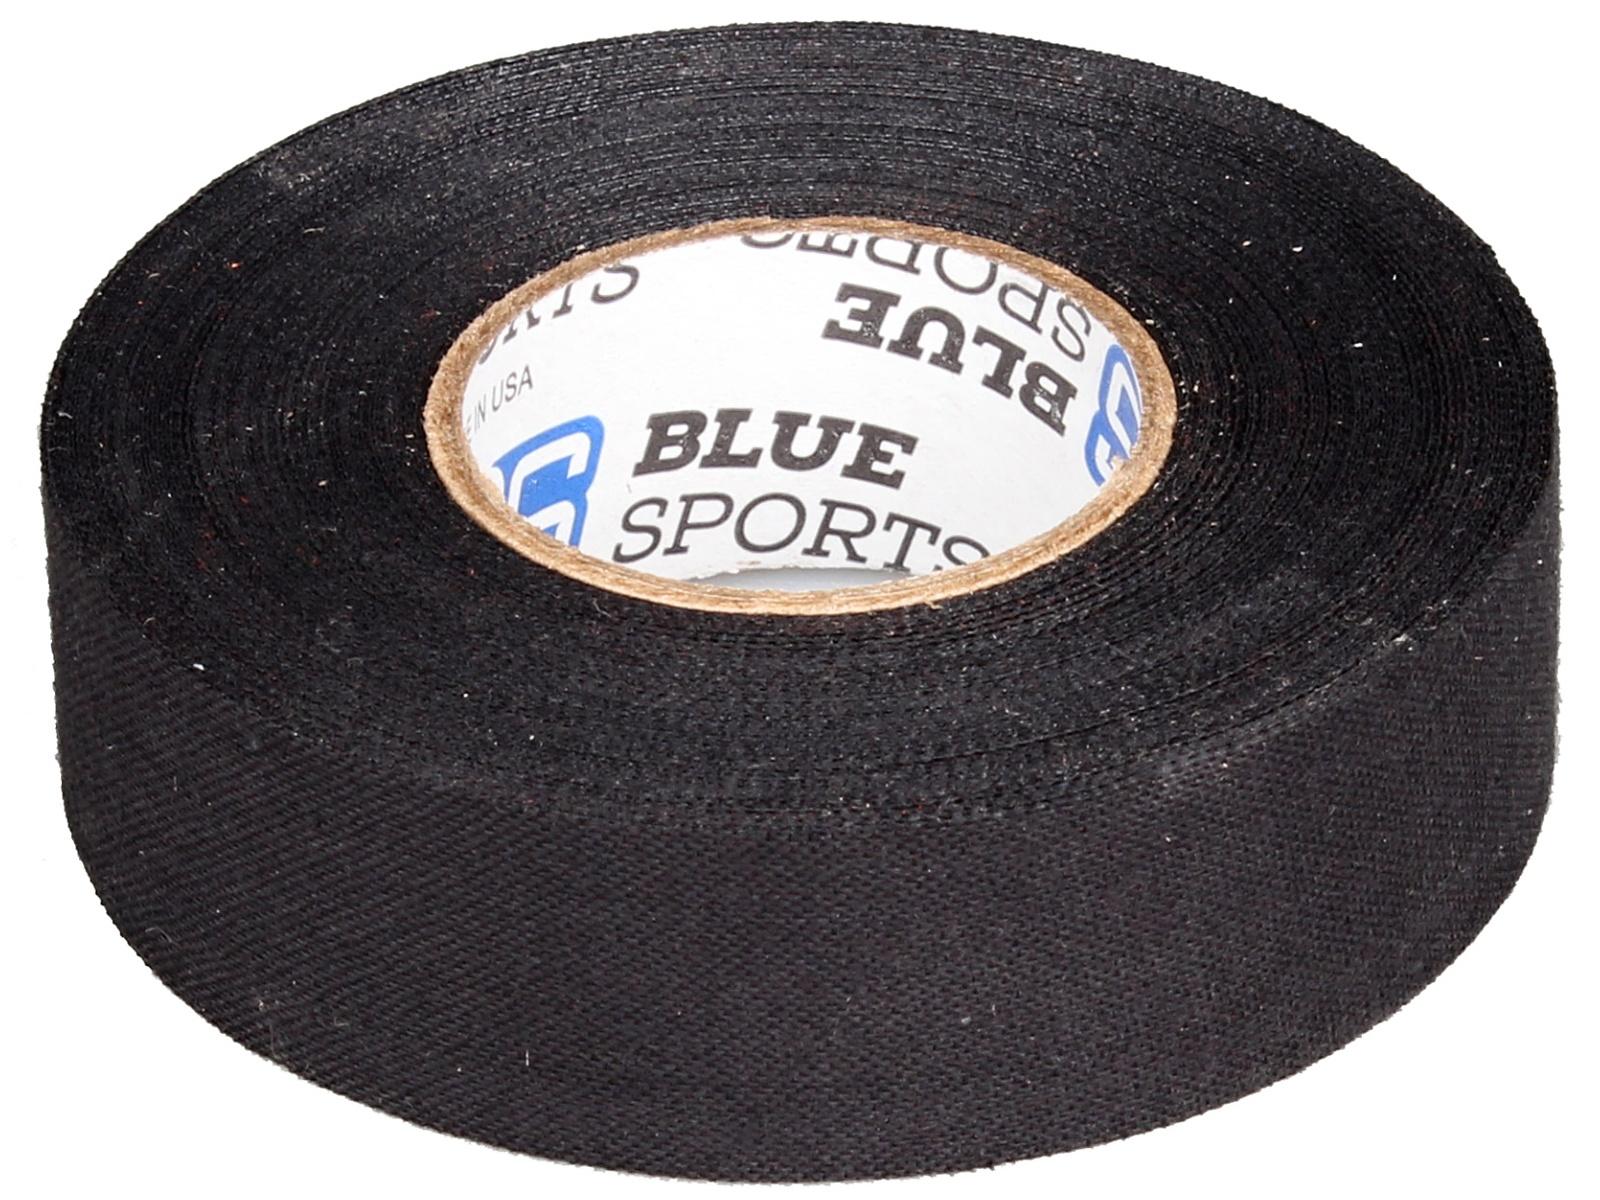 Hokejová páska BLUE Sport 18 m x 2,4 cm, netrhací - černá